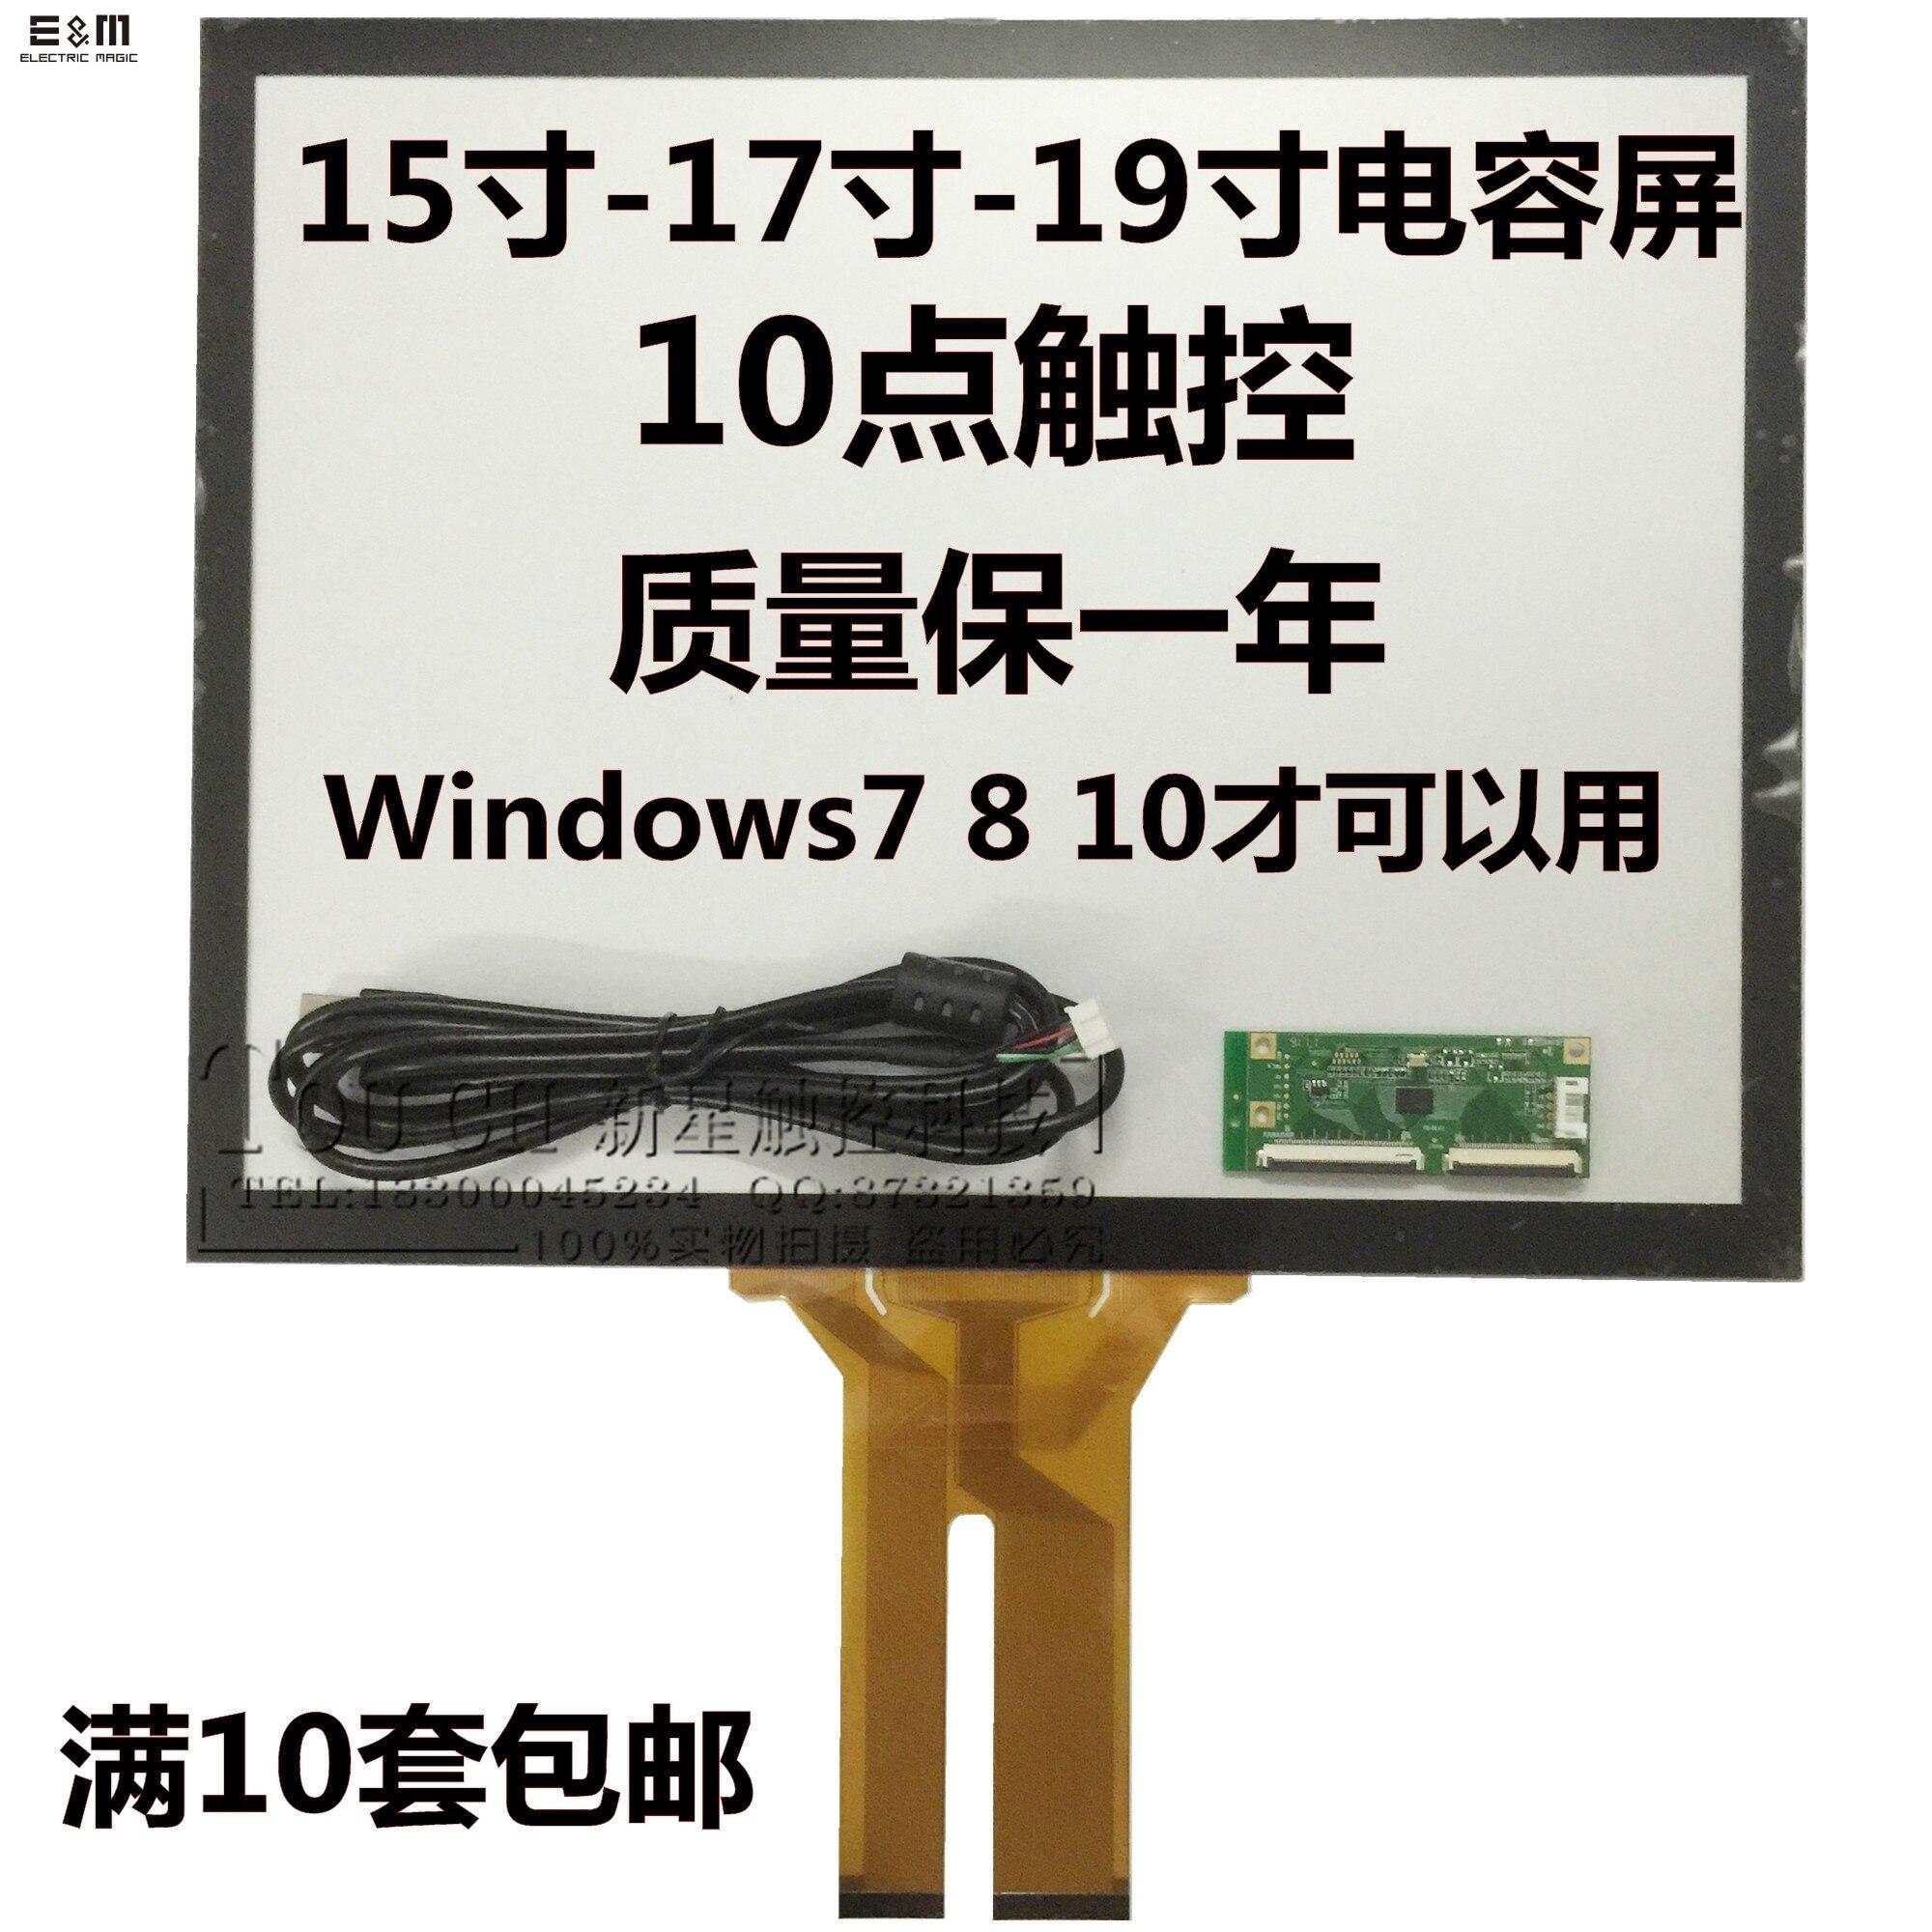 Bricolage 15 pouces écran tactile industriel écran tactile capacitif USB 10 points écran tactile Windows 7 8 10 tactile LCD Modules